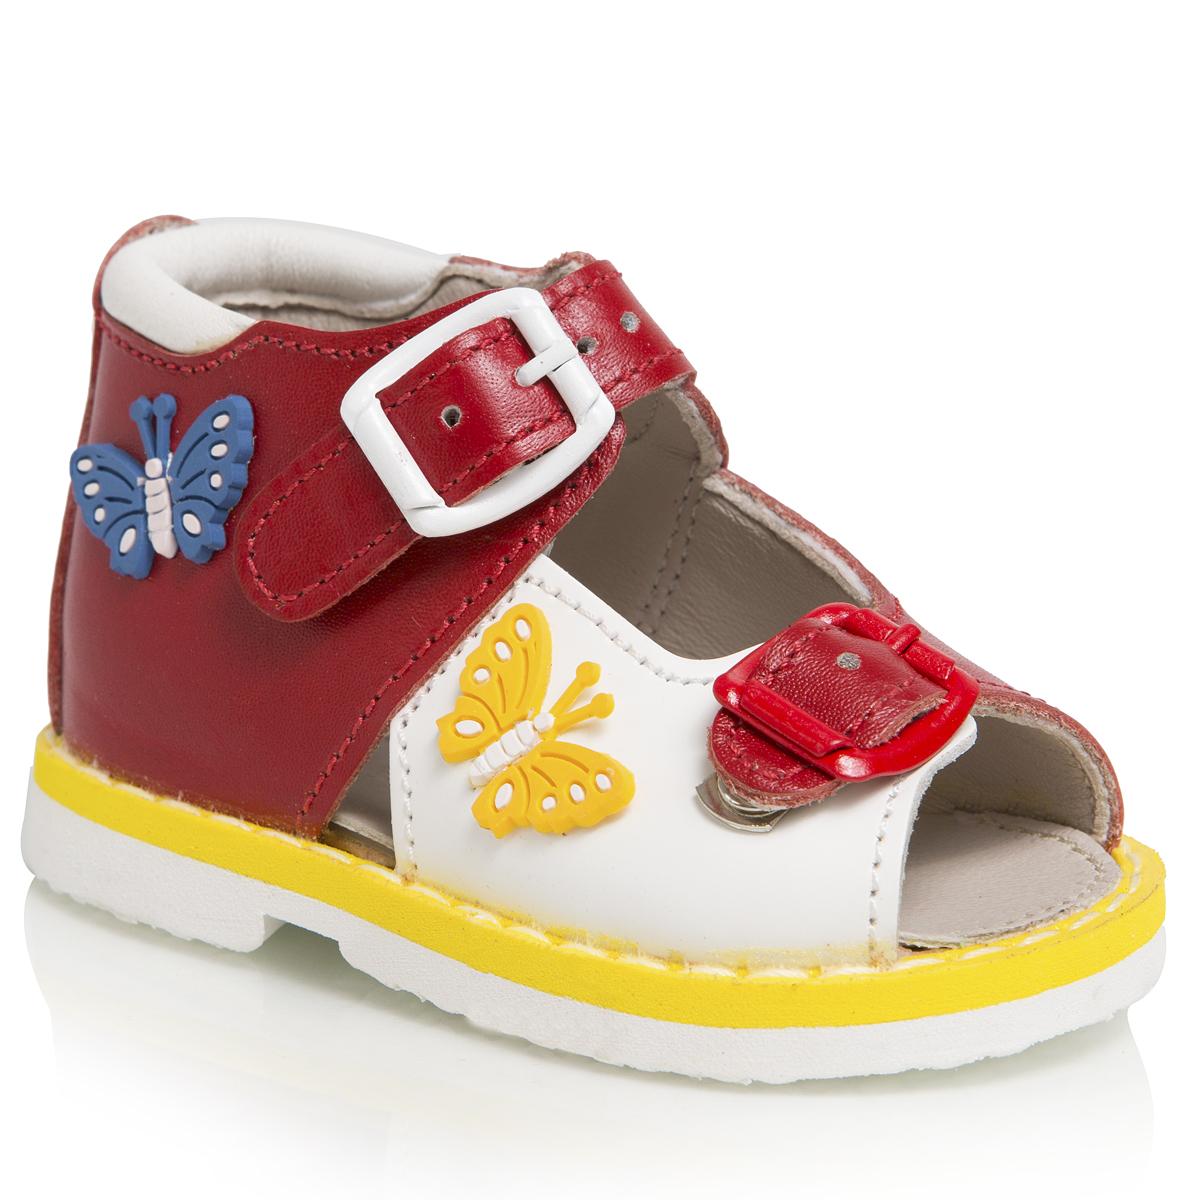 Сандалии для девочек. 119-118119-118ТАШИ ОРТО - детская профилактическая ортопедическая обувь массового производства. Ее можно носить не только детям с признаками плоскостопия и косолапия , но и для профилактики подобных отклонений. А многим детям ортопедическая обувь НЕОБХОДИМА для коррекции стопы, исправления походки и осанки.